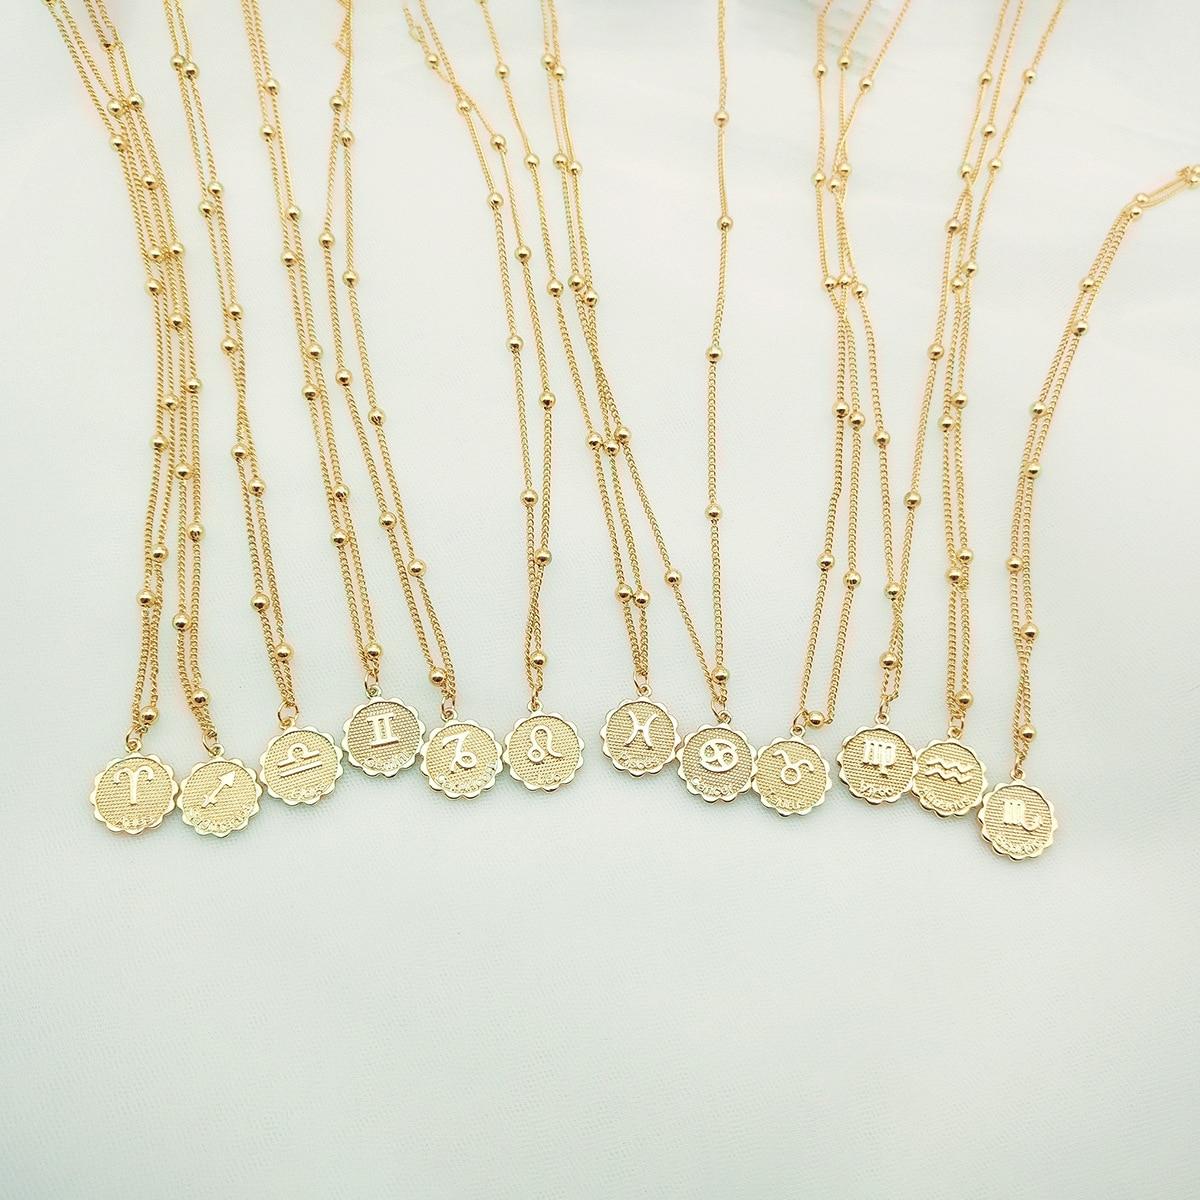 Collier zodiaque colliers Constellation Femme souvenir céleste Bijoux vierge taureau Leo Gemini pendentif Collier Bijoux Femme